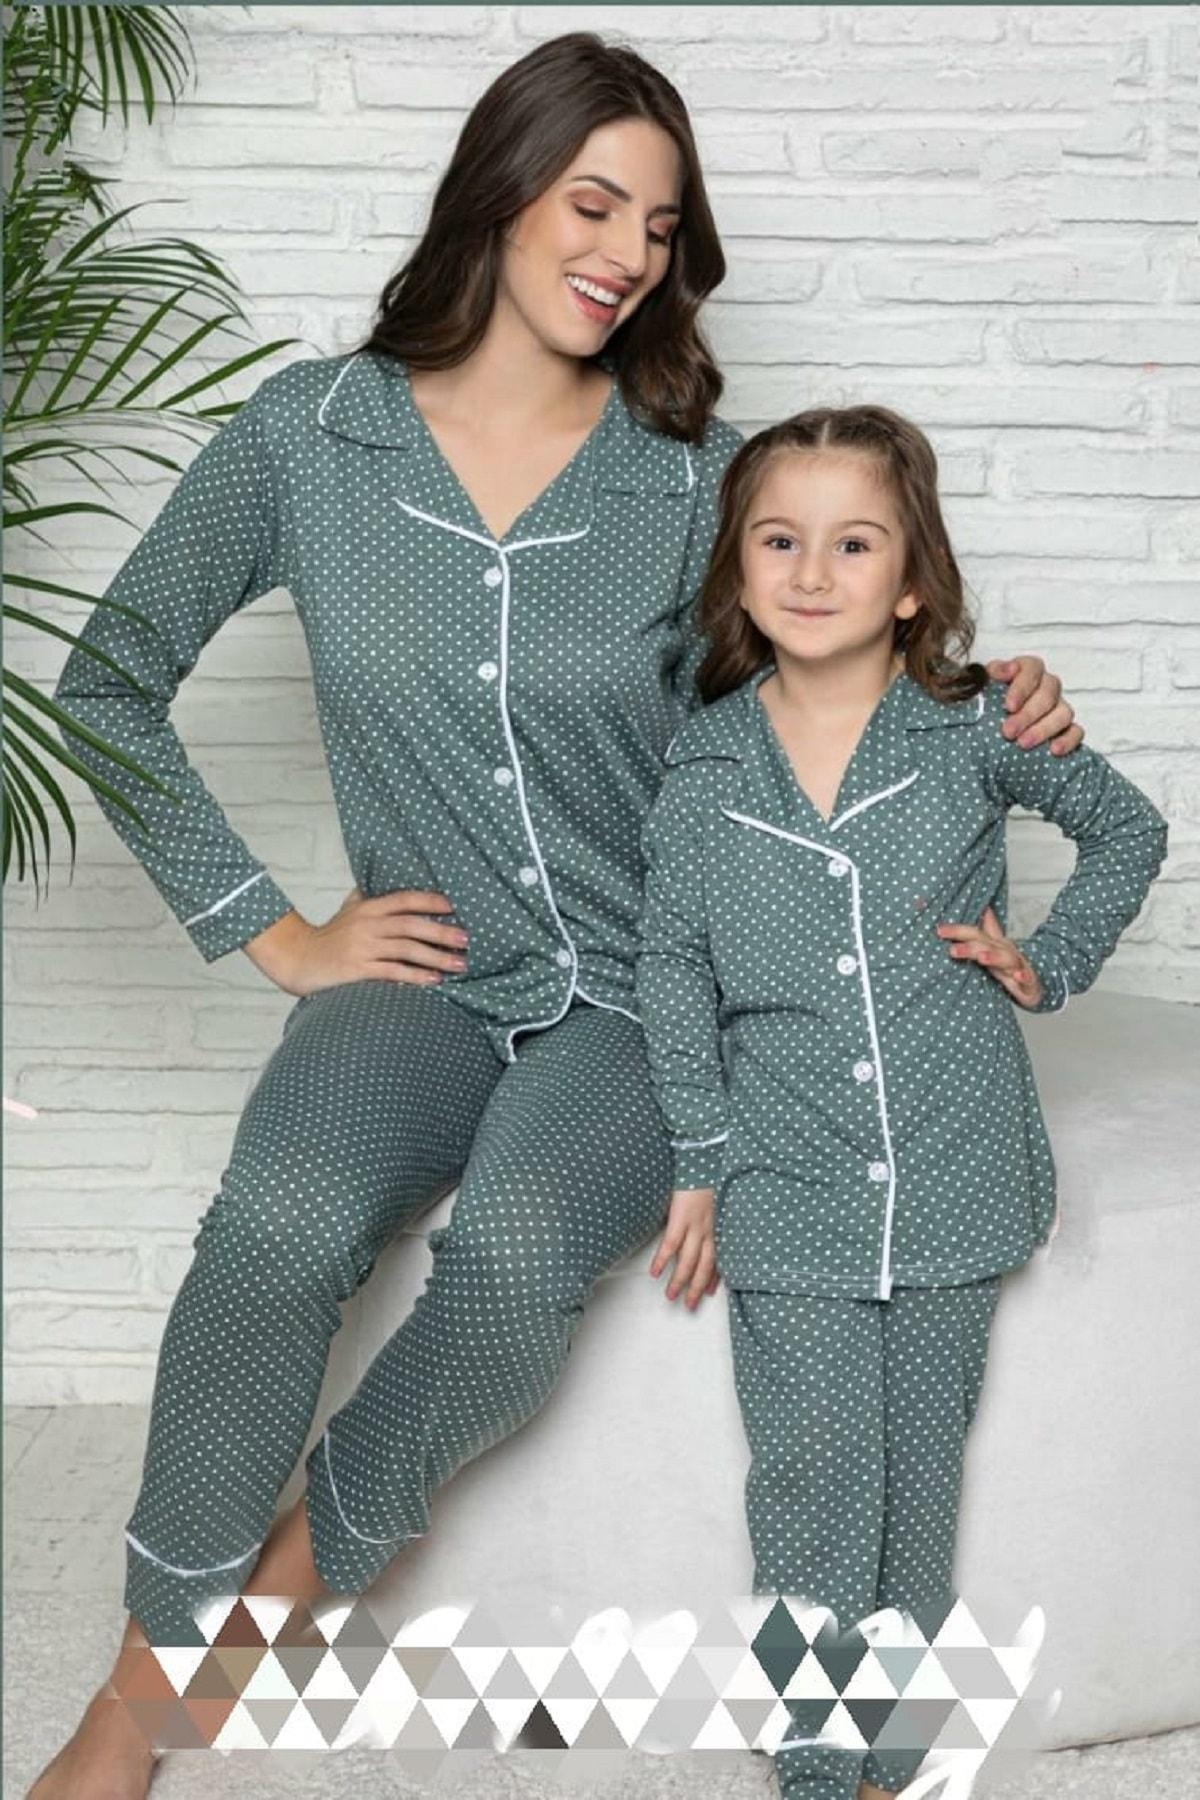 Kaktüs Moda Polat Yıldız Yeşil Anne Kız Pijama Takımı Kombini 20106 1